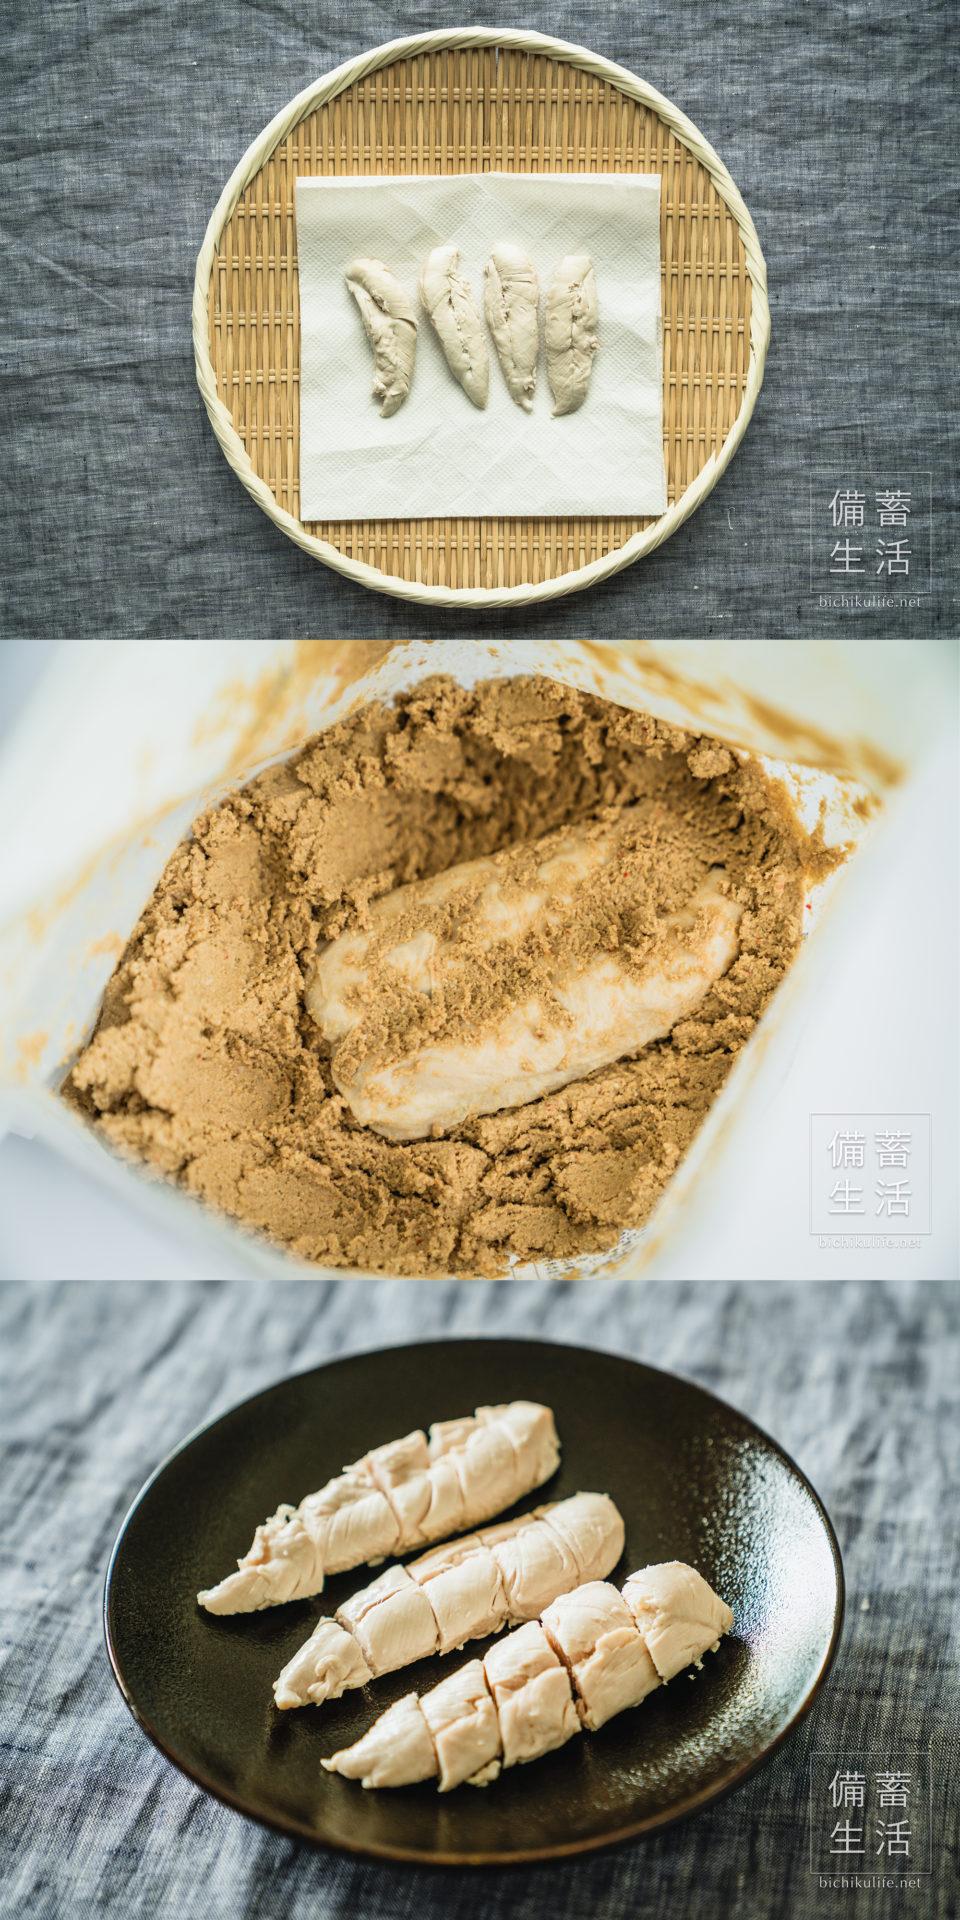 鶏ささみのぬか漬けの作り方・レシピ